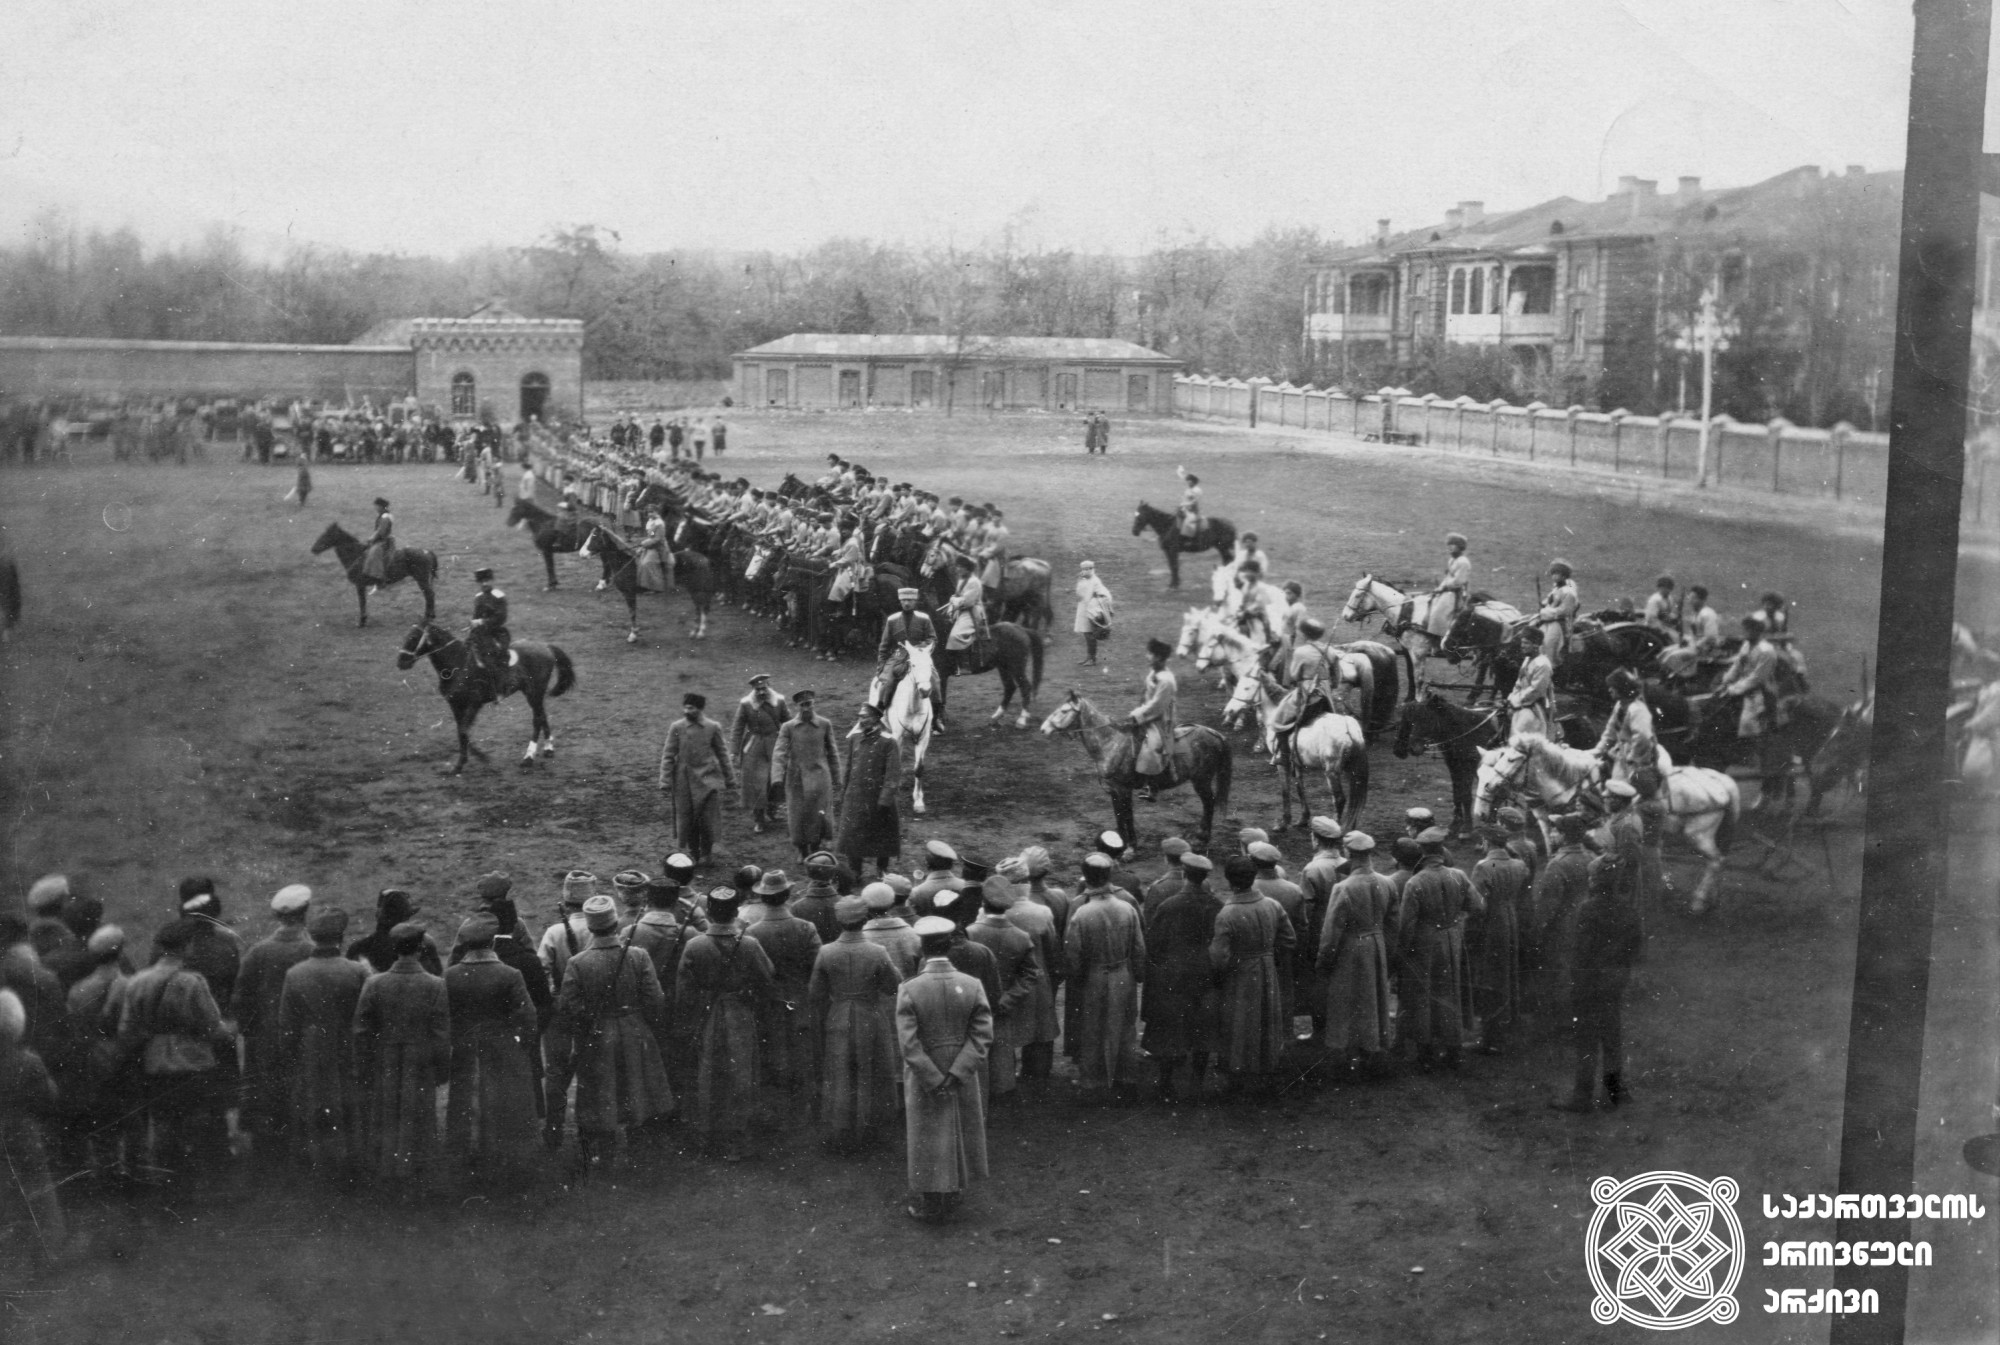 სახალხო გვარდიის ცხენოსანი დივიზიონი. რუსეთ-საქართველოს 1921 წლის ომში ცხენოსან ნაწილთა მცირერიცხოვნებამ ქართულ არმიას დიდი პრობლემები შეუქმნა. <br>   თბილისი, 1919-1920 წლები. <br>  The Cavalry Division of the People's Guard. During the Russian-Georgian War of 1921, the small quantity of the cavalry made great difficulties for the Georgian army.  <br> Tbilisi, 1919-1920.